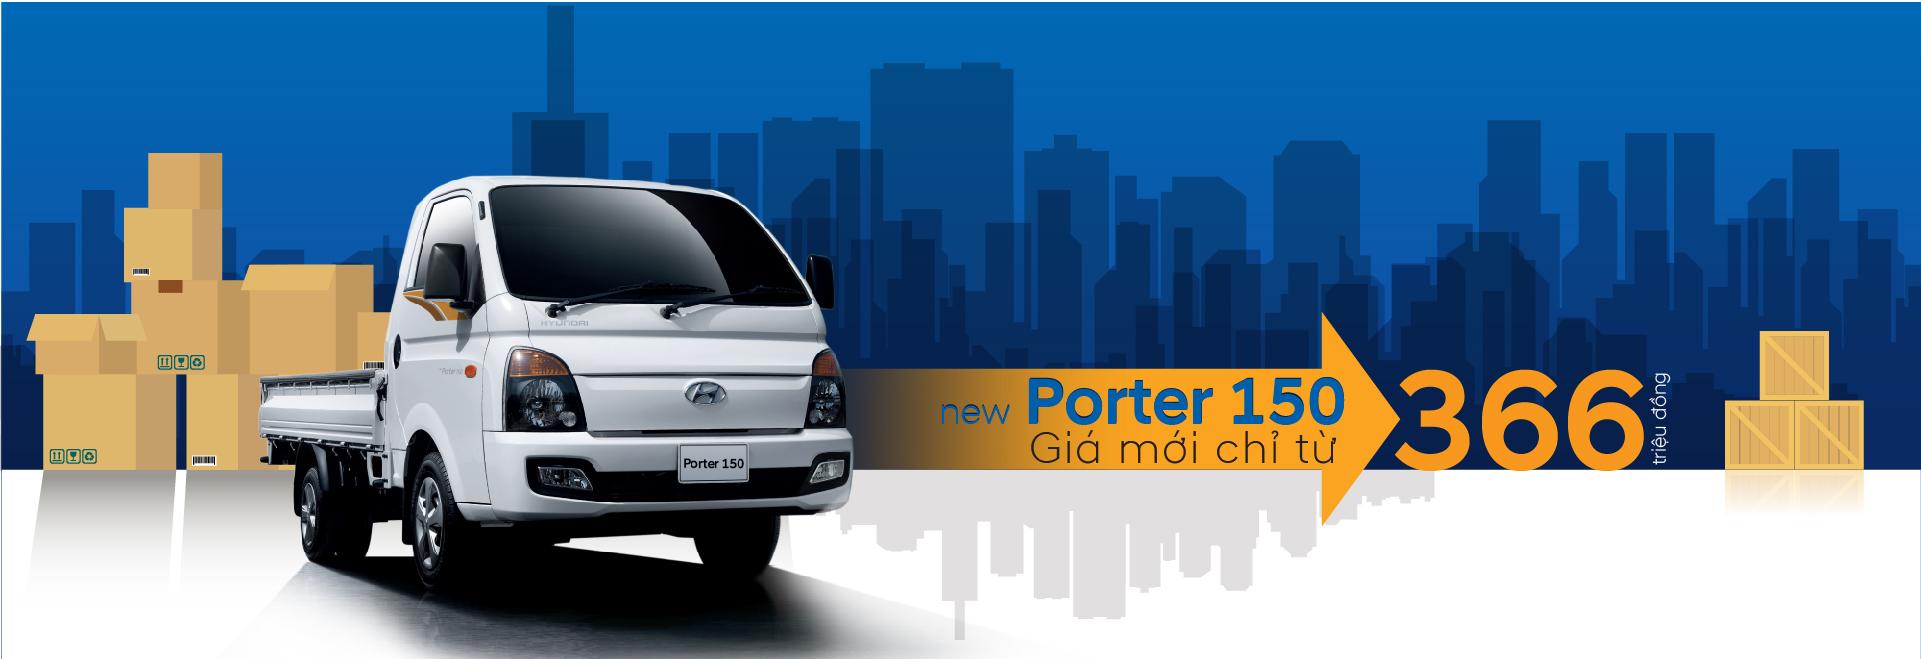 Hyundai Porter 150 Thành Công